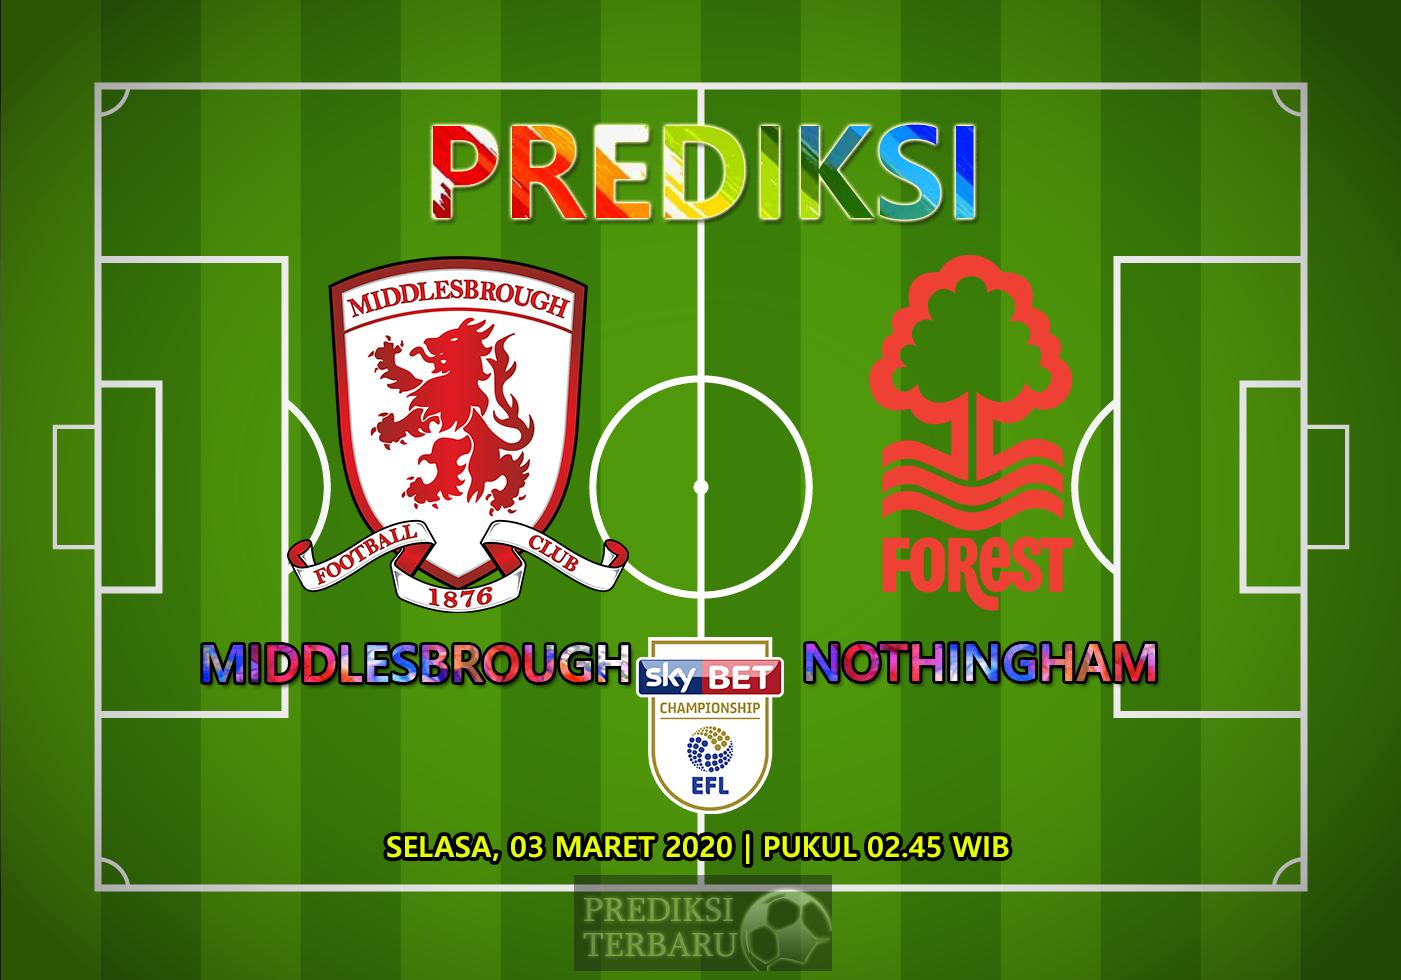 Prediksi Middlesbrough Vs Nottingham Forest Selasa 03 Maret